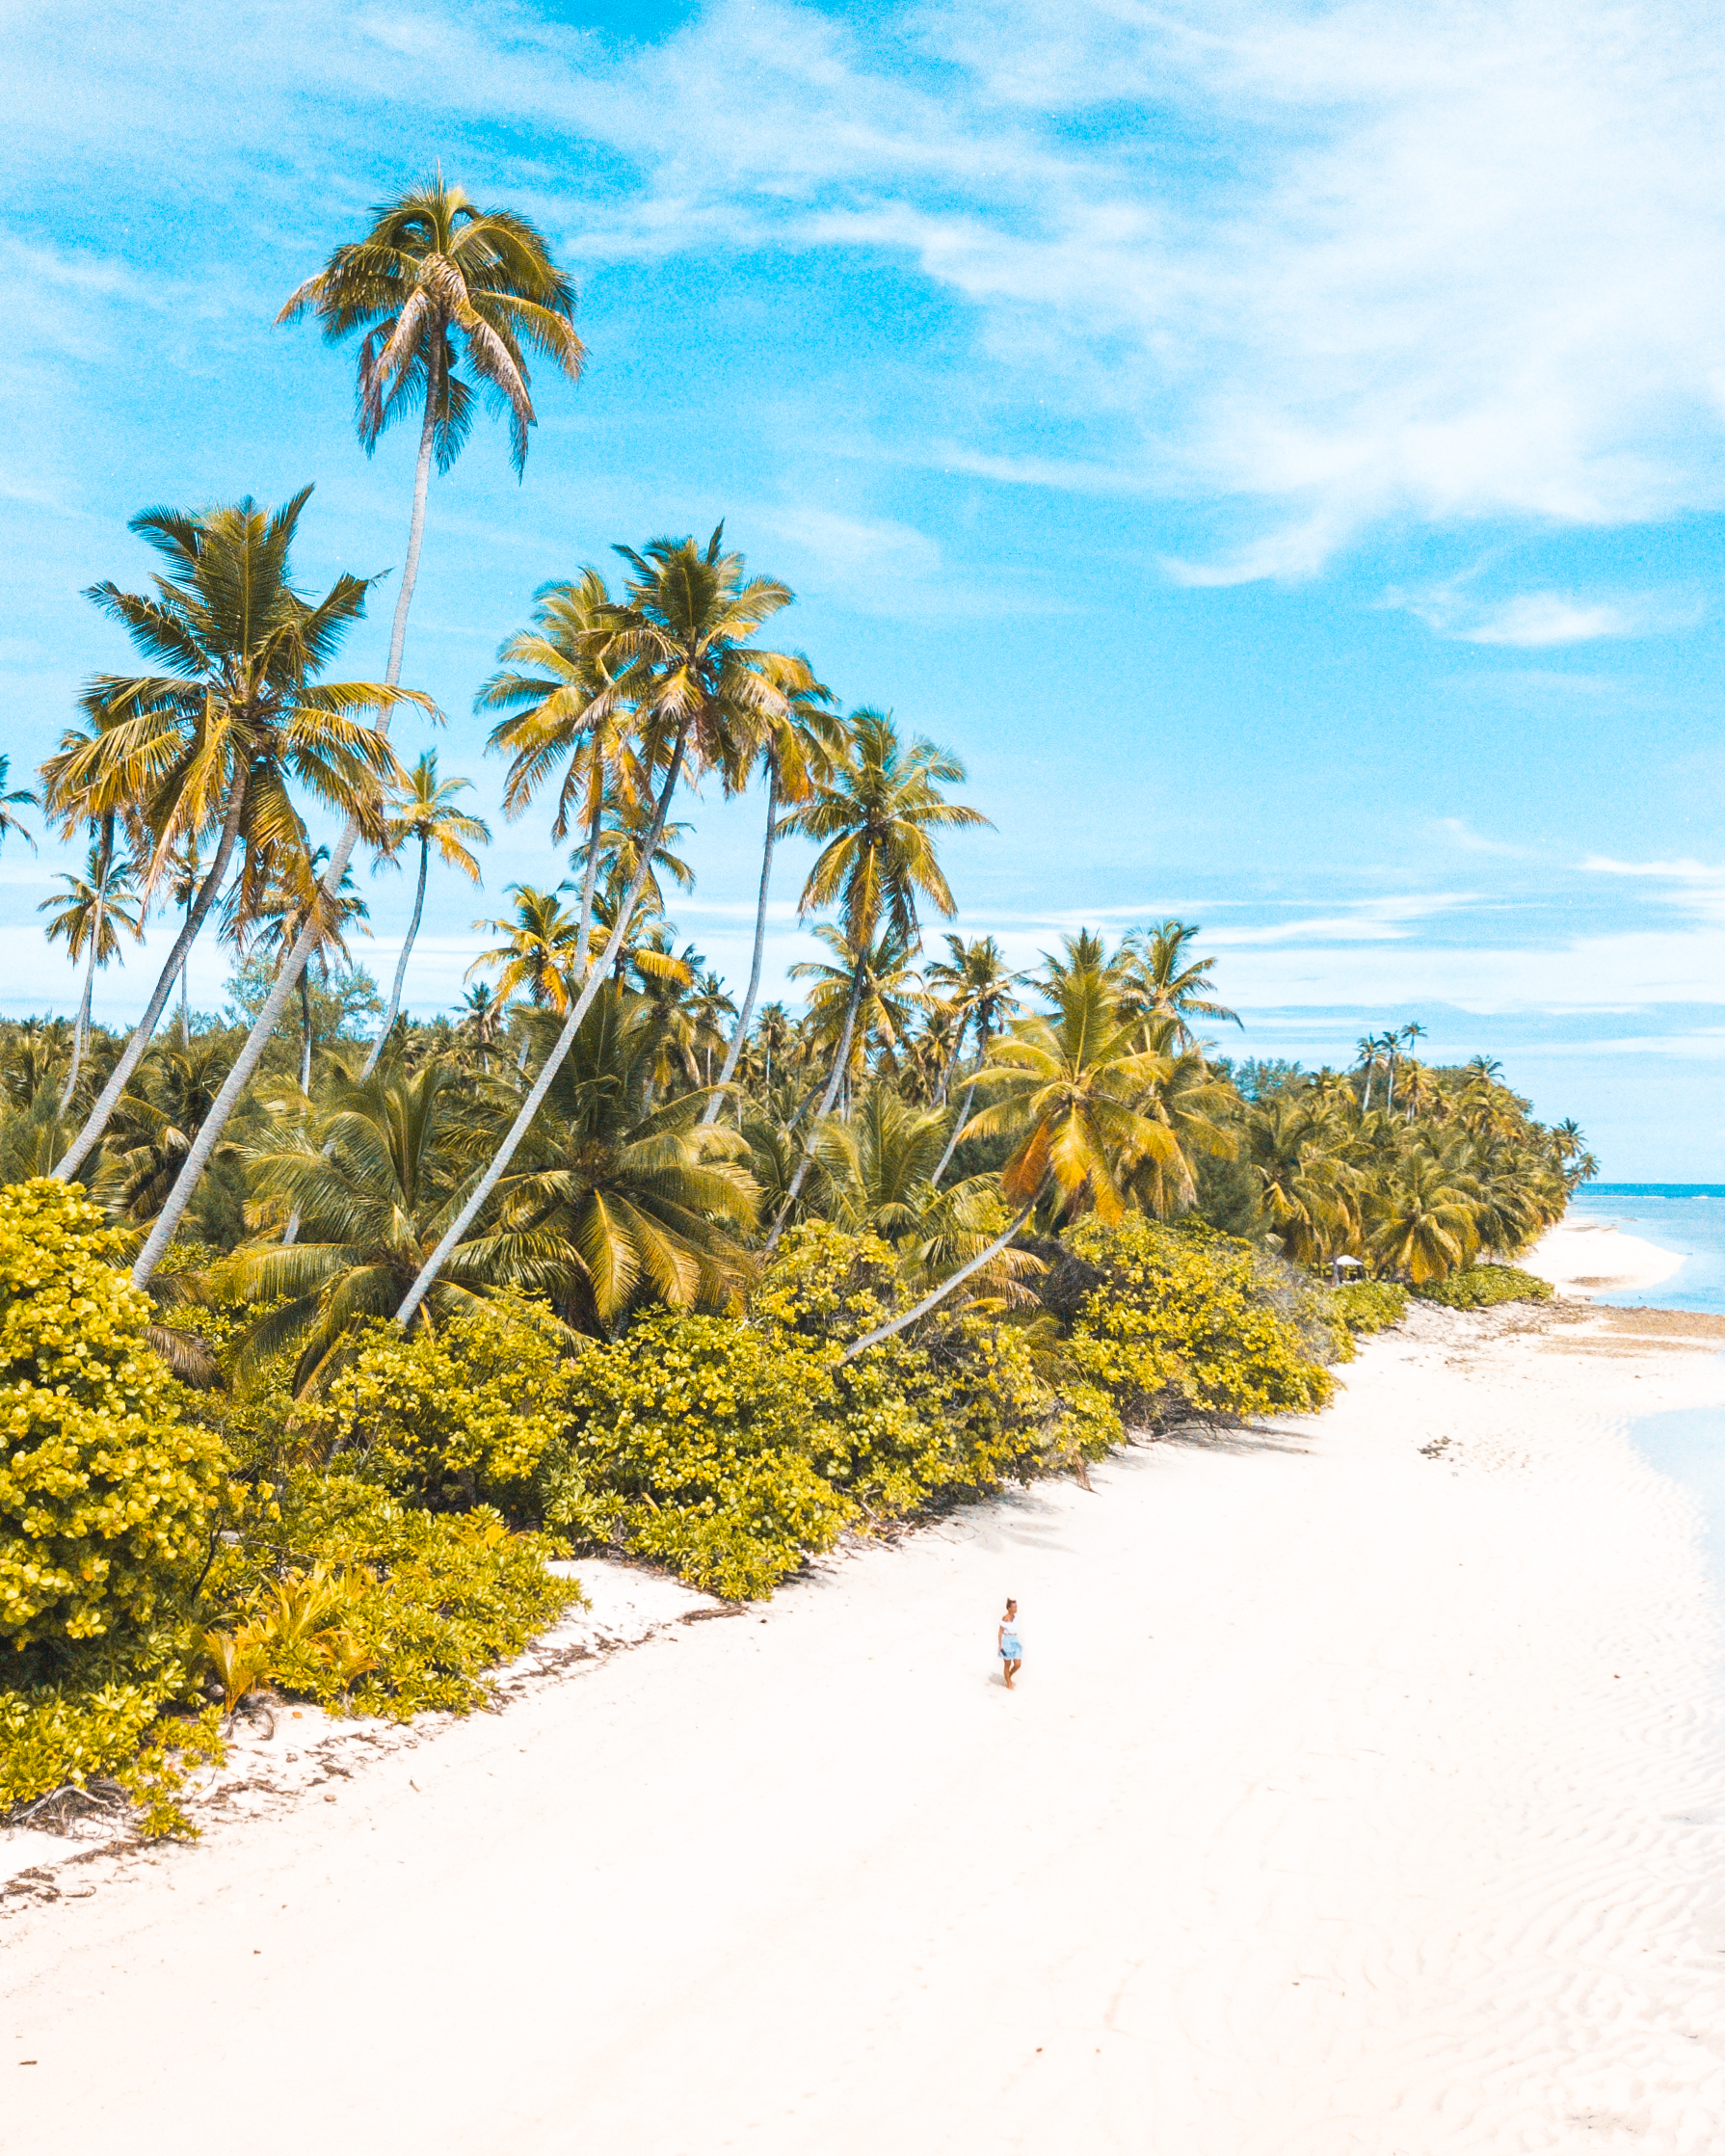 Alphonse Seychellen, Outer Islands Seychellen, Äußere Inseln